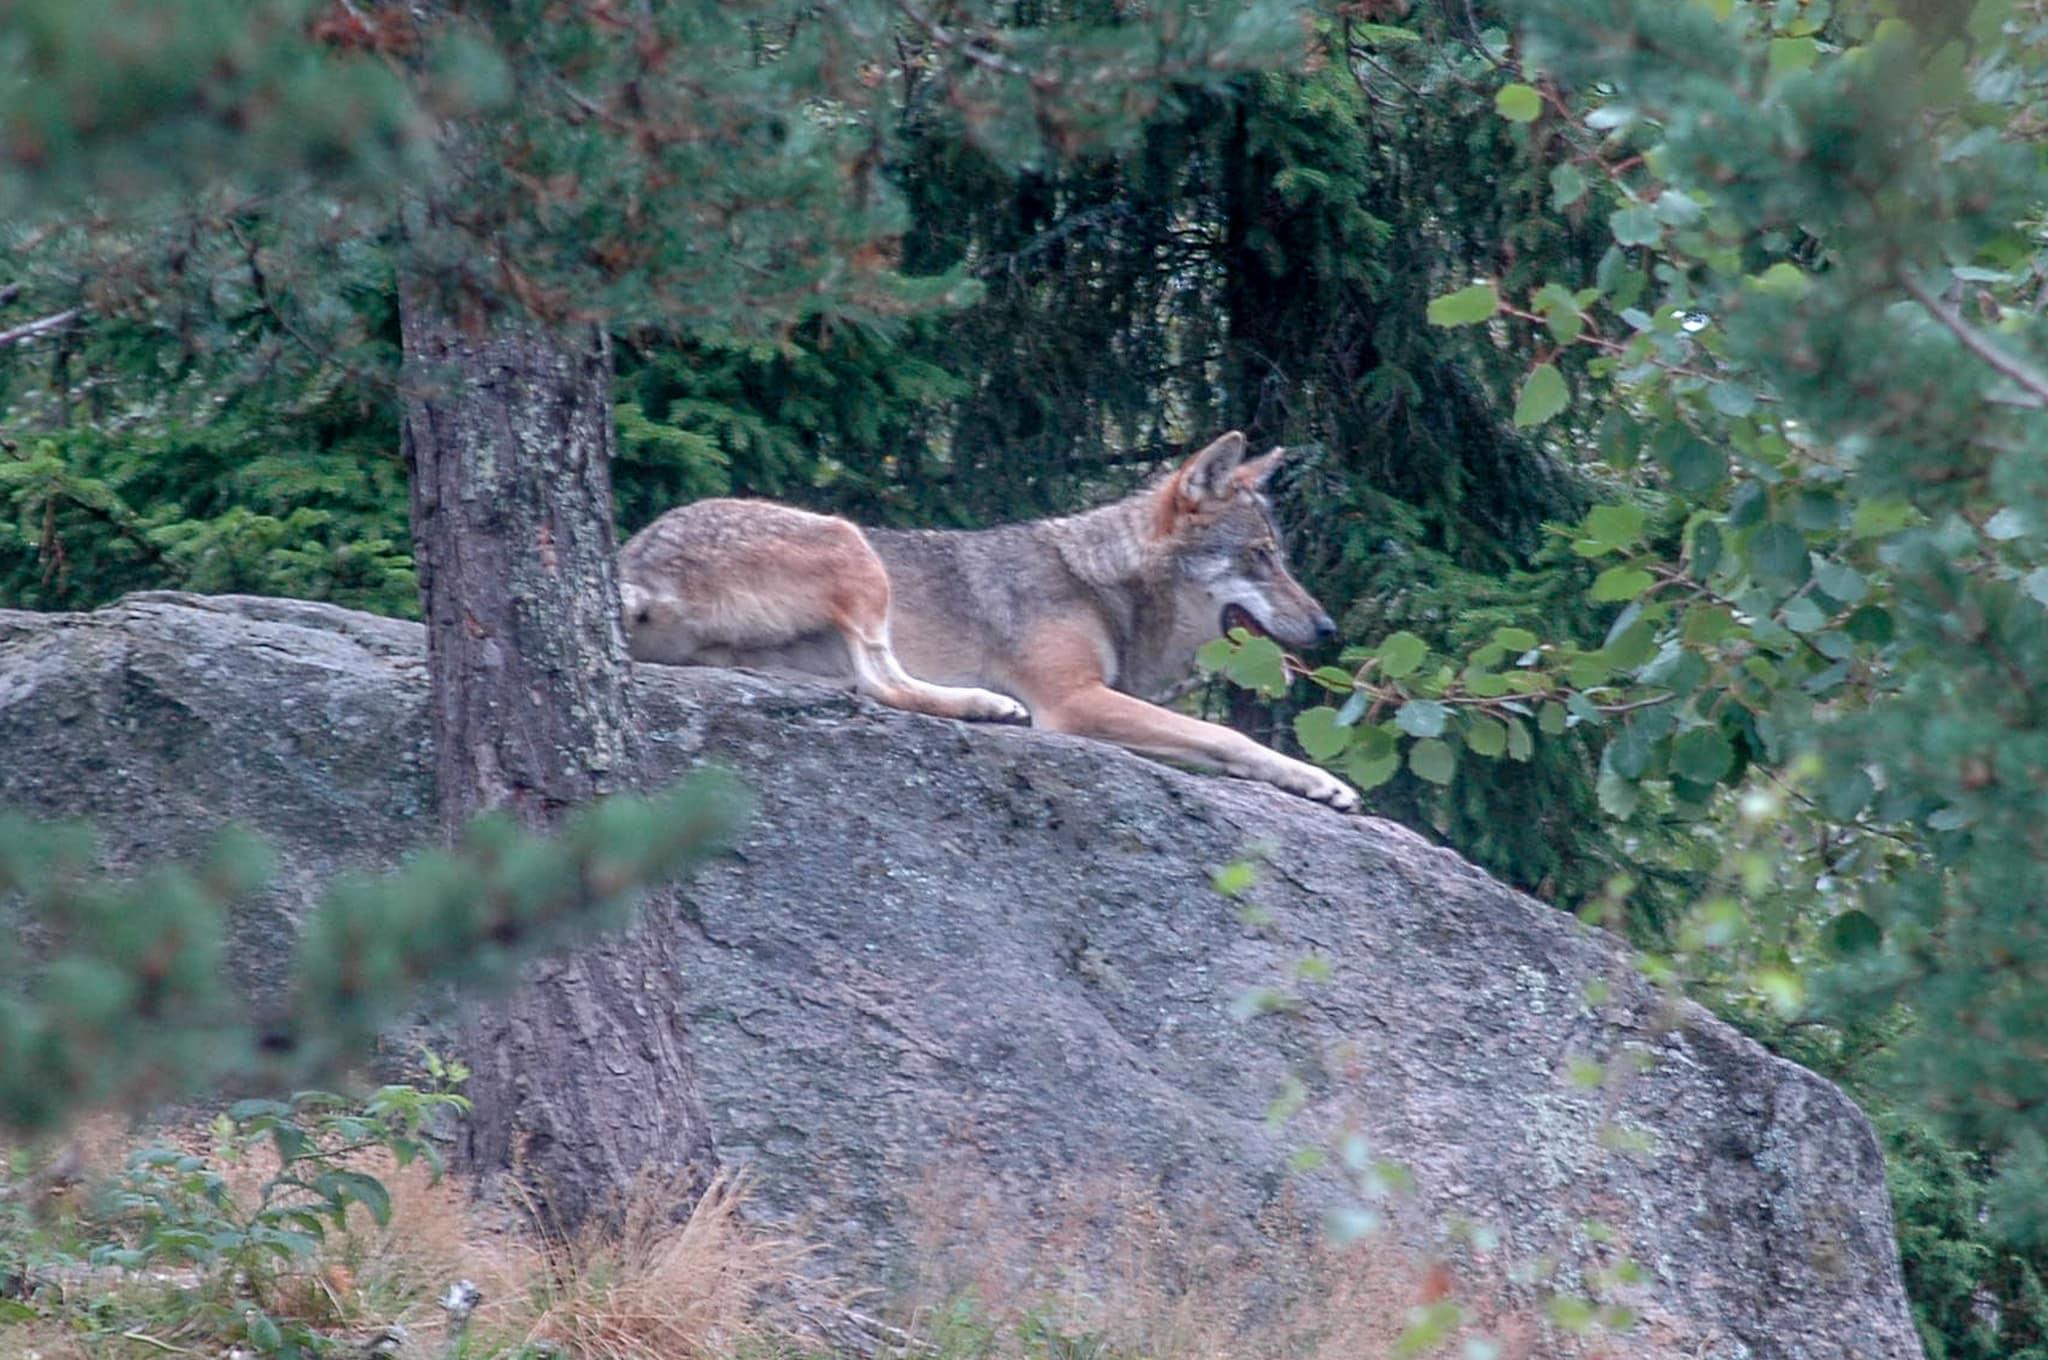 Ingen varg i Jämtland. Det kräver länsstyrelsen och Jägareförbundet. Naturvårdsverket tog nyligen beslut om att tillåta en vargföryngring i Jämtland.